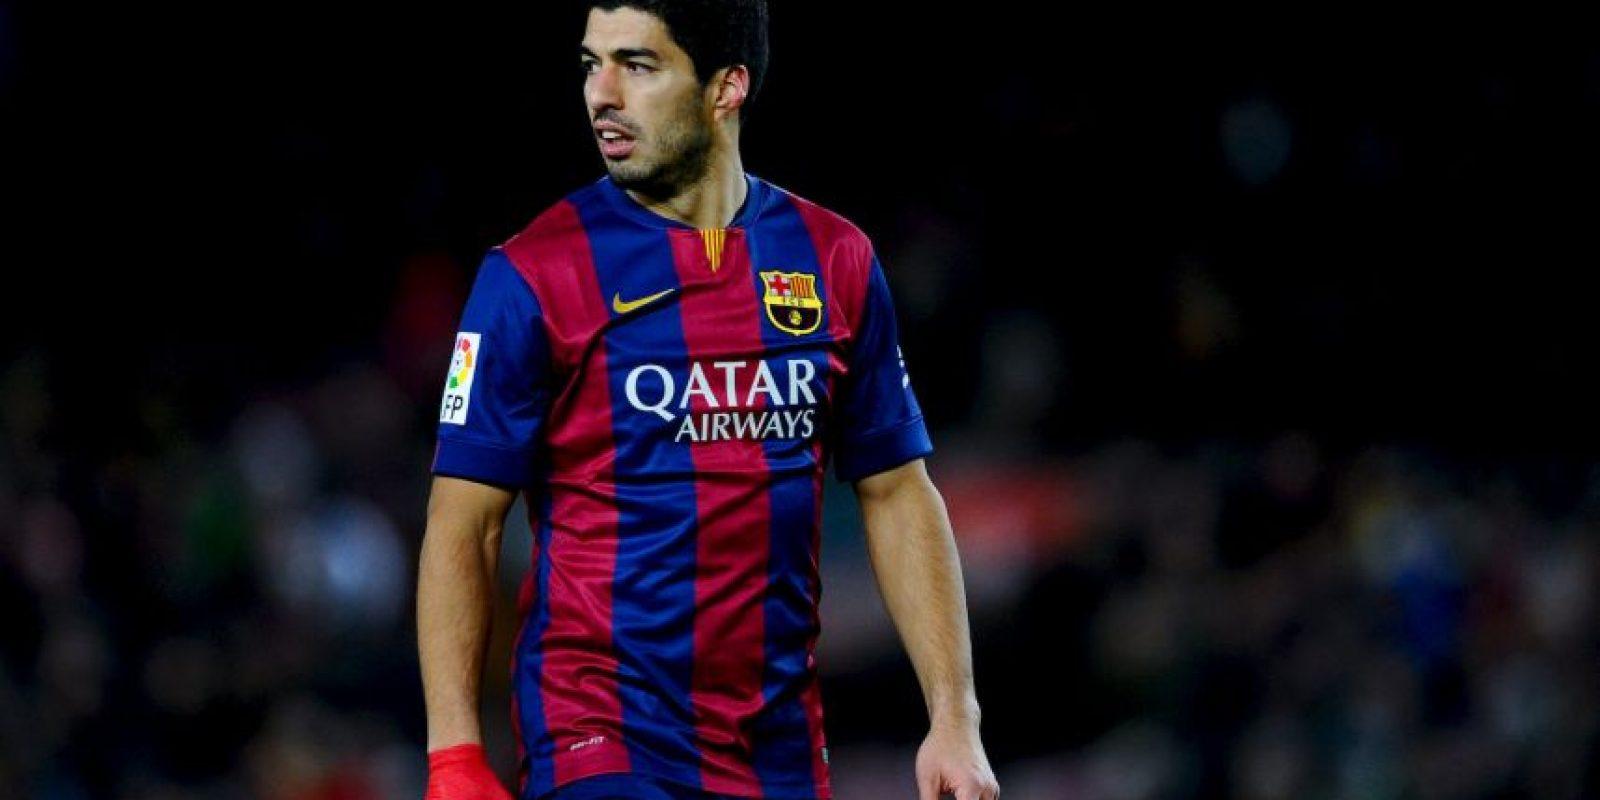 El uruguayo llegó a una tienda deportiva cuando nadie lo esperaba Foto:Getty